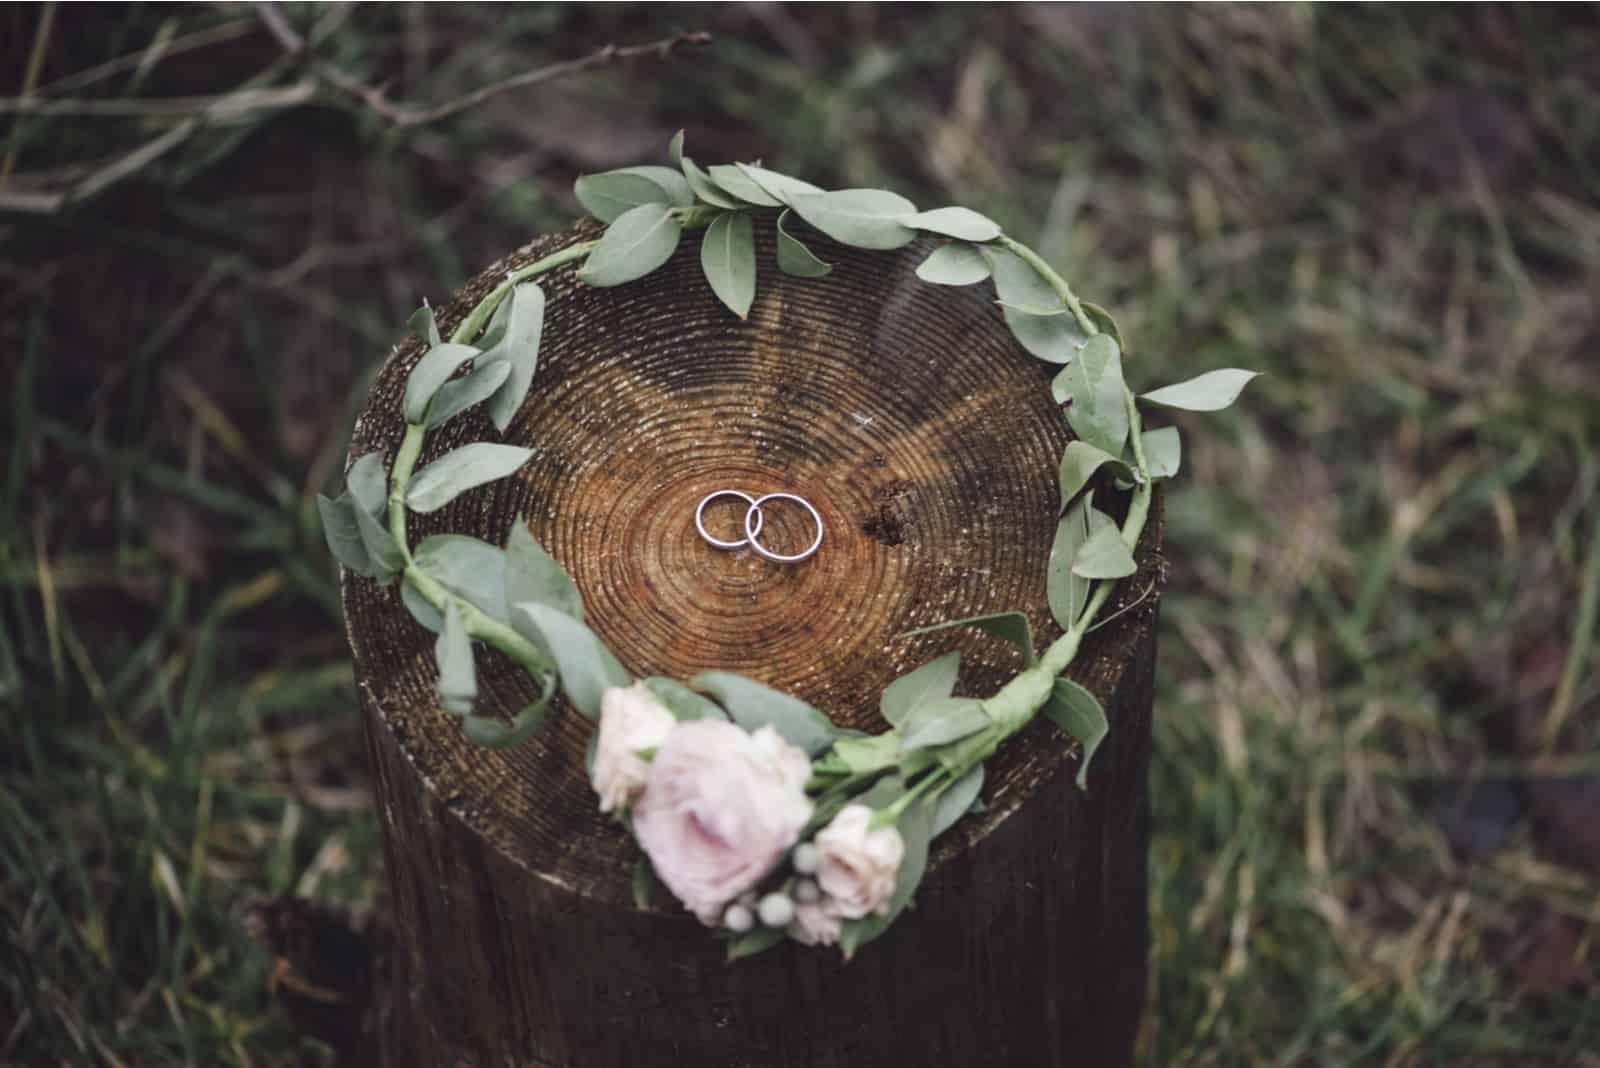 Eheringe in einem Blumenstirnband auf einem Holzstumpf